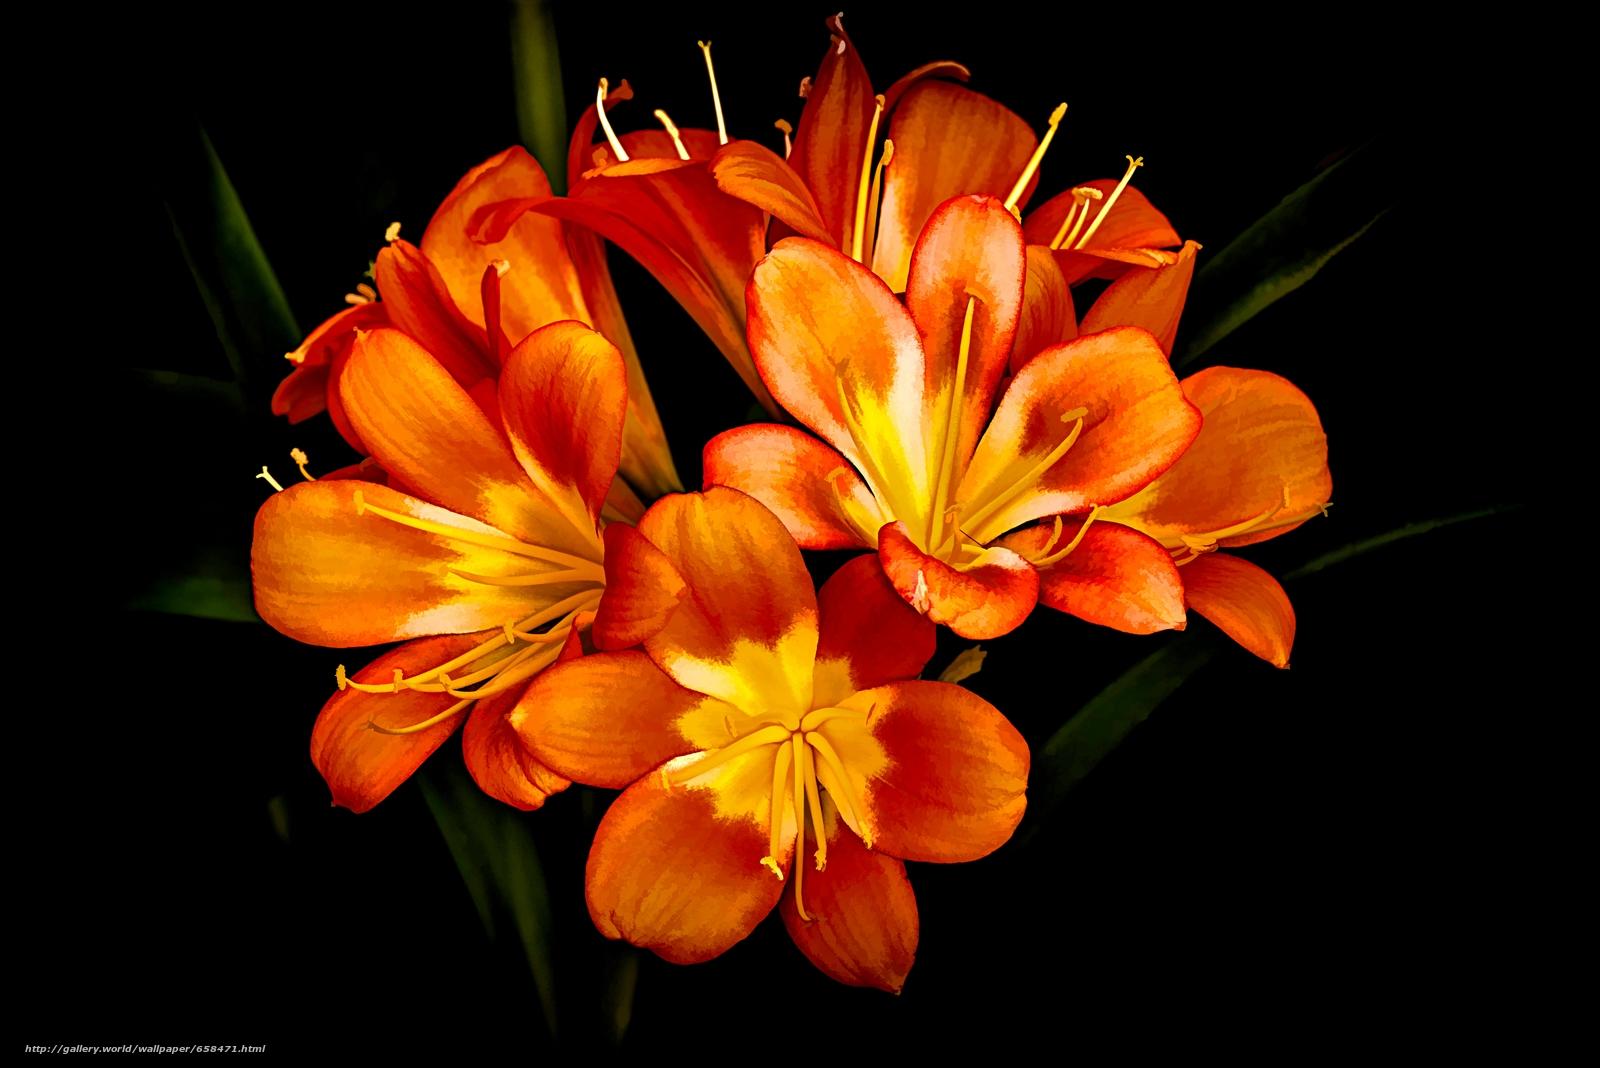 pobra tapety kwiat,  Kwiaty,  flora Darmowe tapety na pulpit rozdzielczoci 7360x4912 — zdjcie №658471